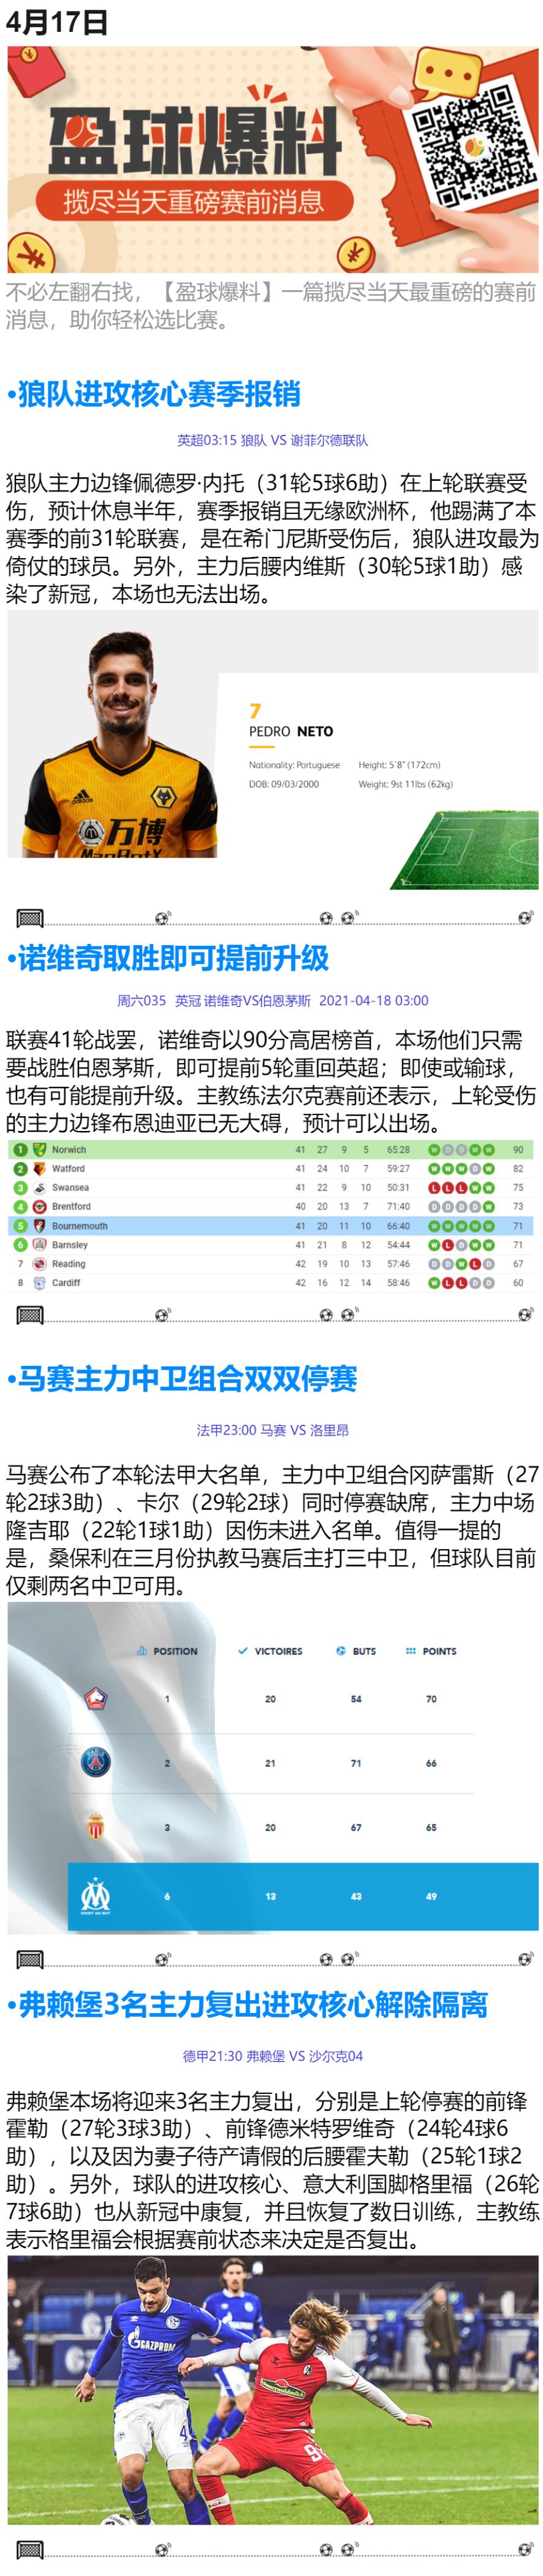 https://cdn.ttyingqiu.com/news/image/2021/4/17/202104171646000030.png